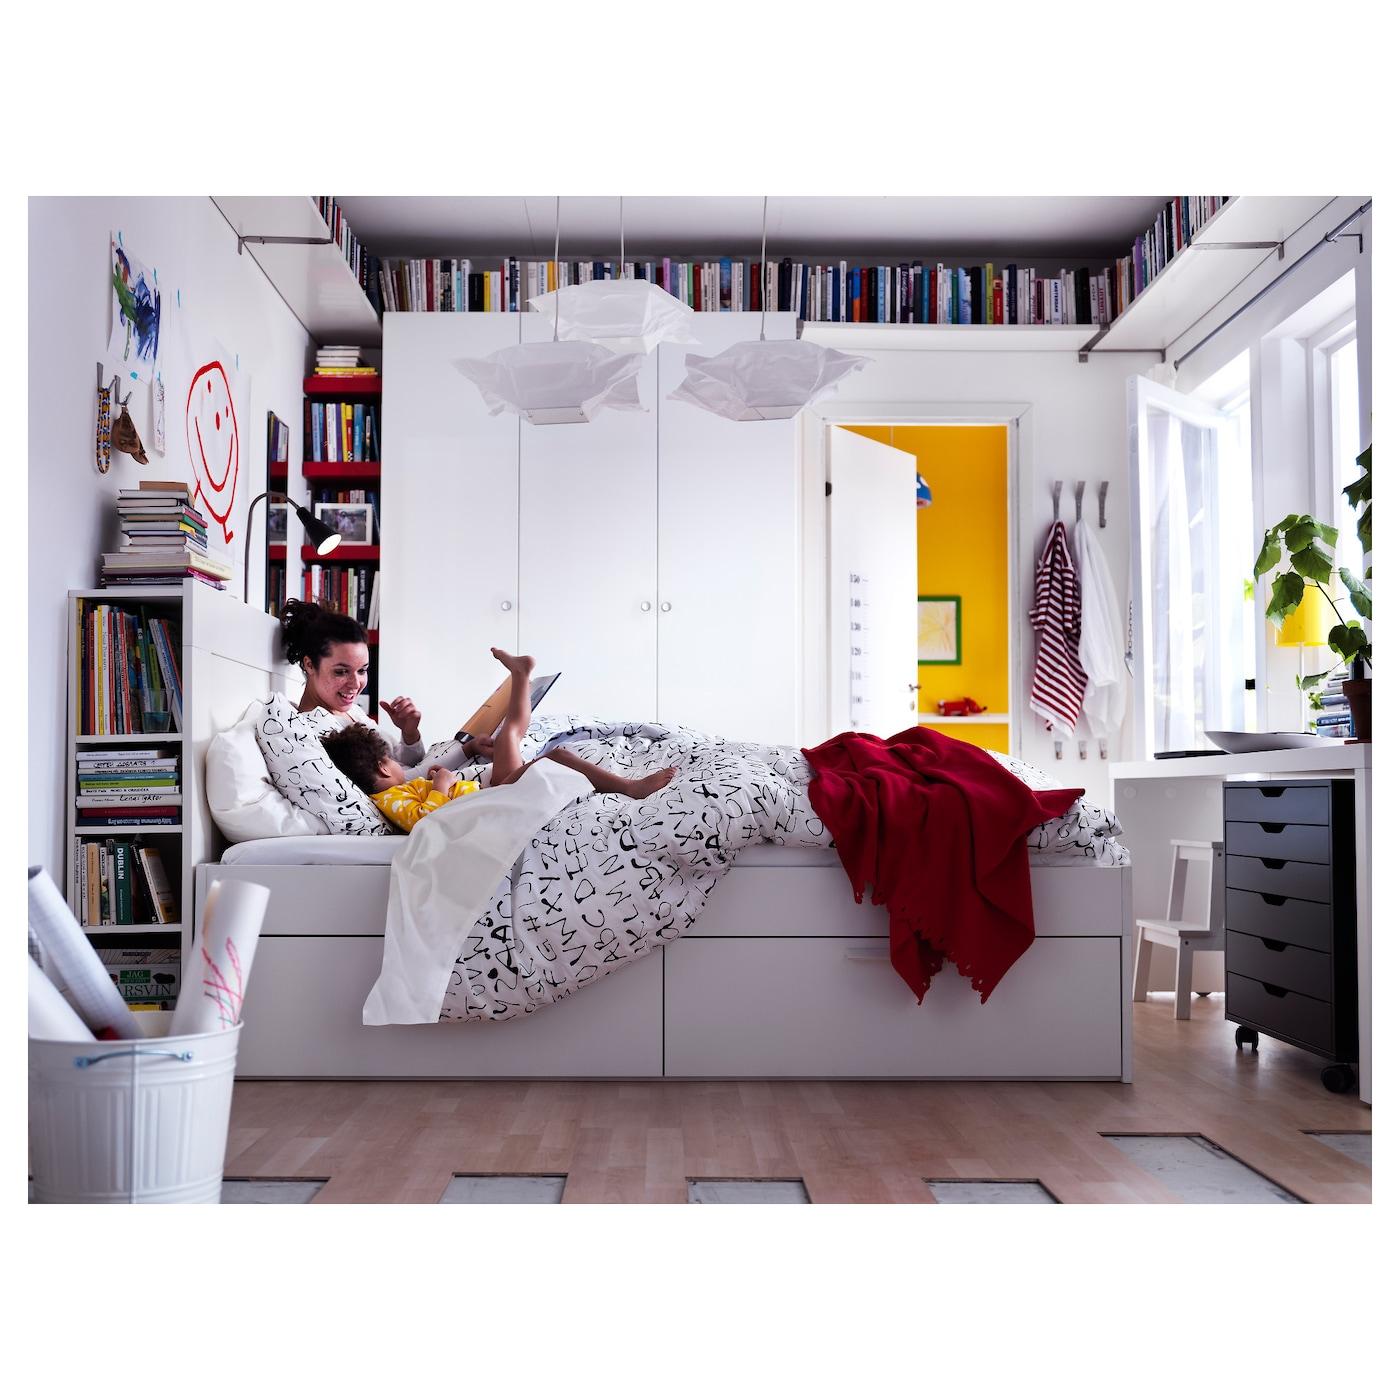 brimnes cadre de lit rangement t te de lit blanc leirsund 180 x 200 cm ikea. Black Bedroom Furniture Sets. Home Design Ideas